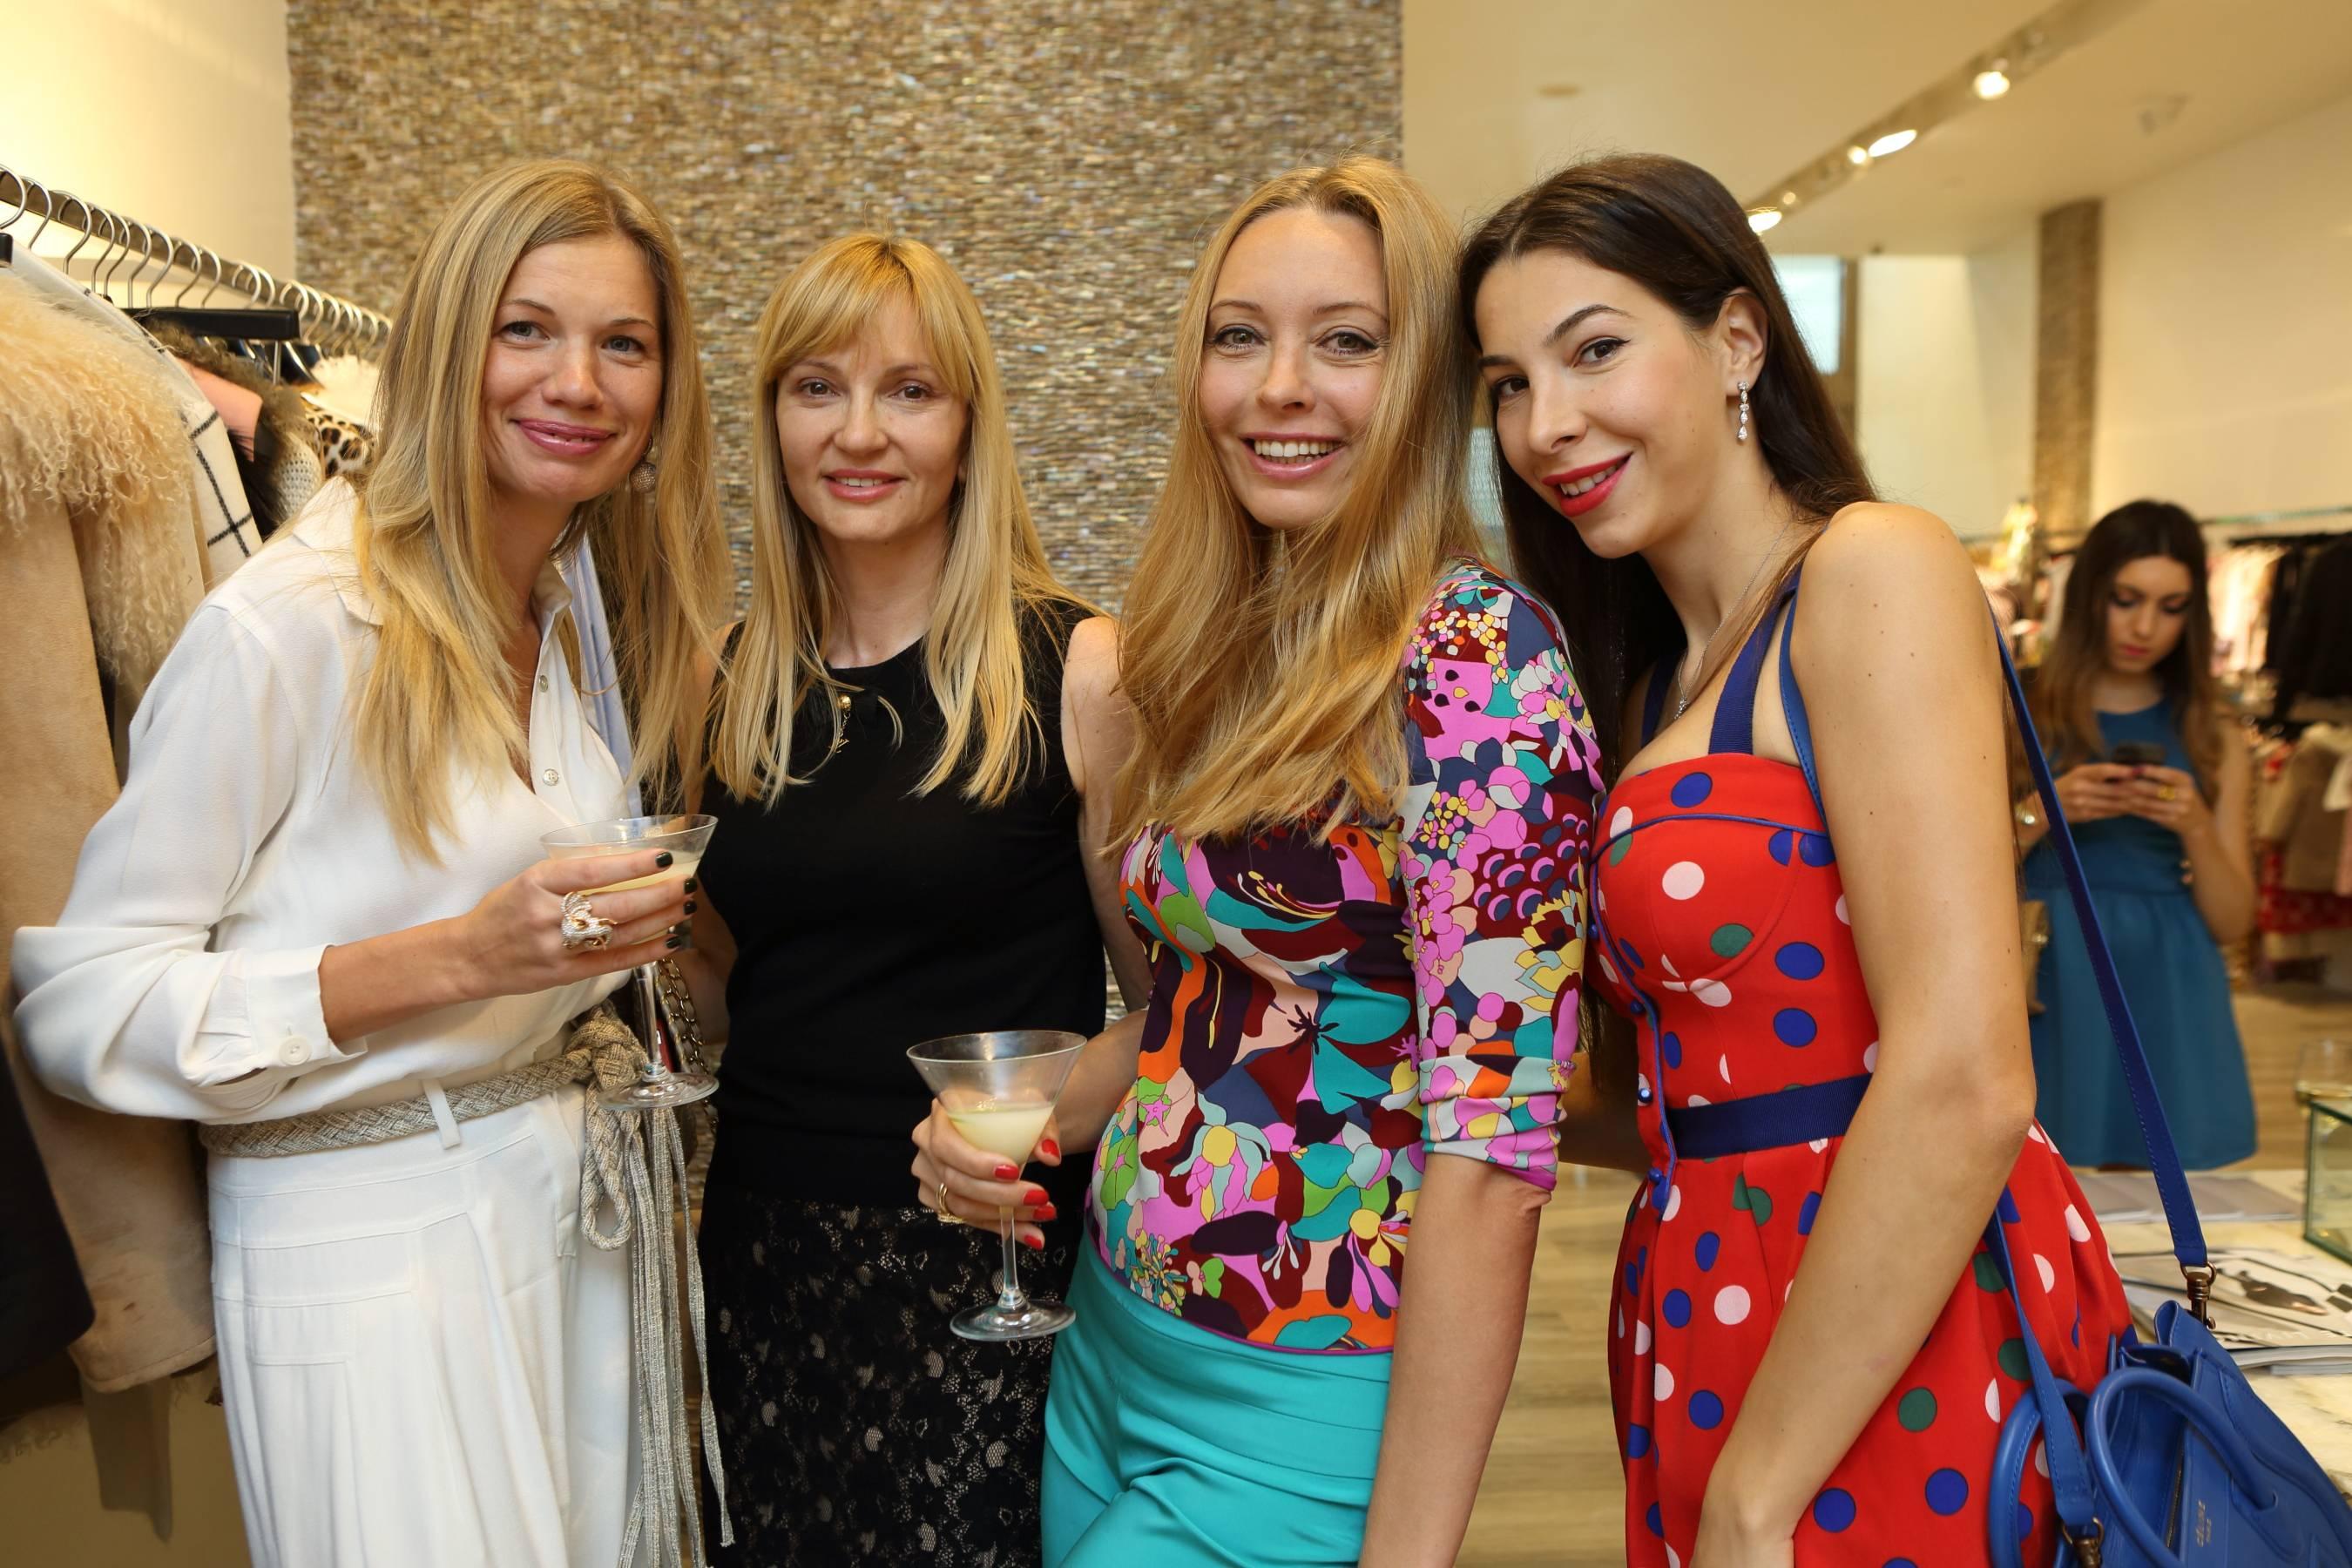 Irina Trukhacheva, Liliay Atamanyuk, Katerina Miroshkina, Yana Mishieva